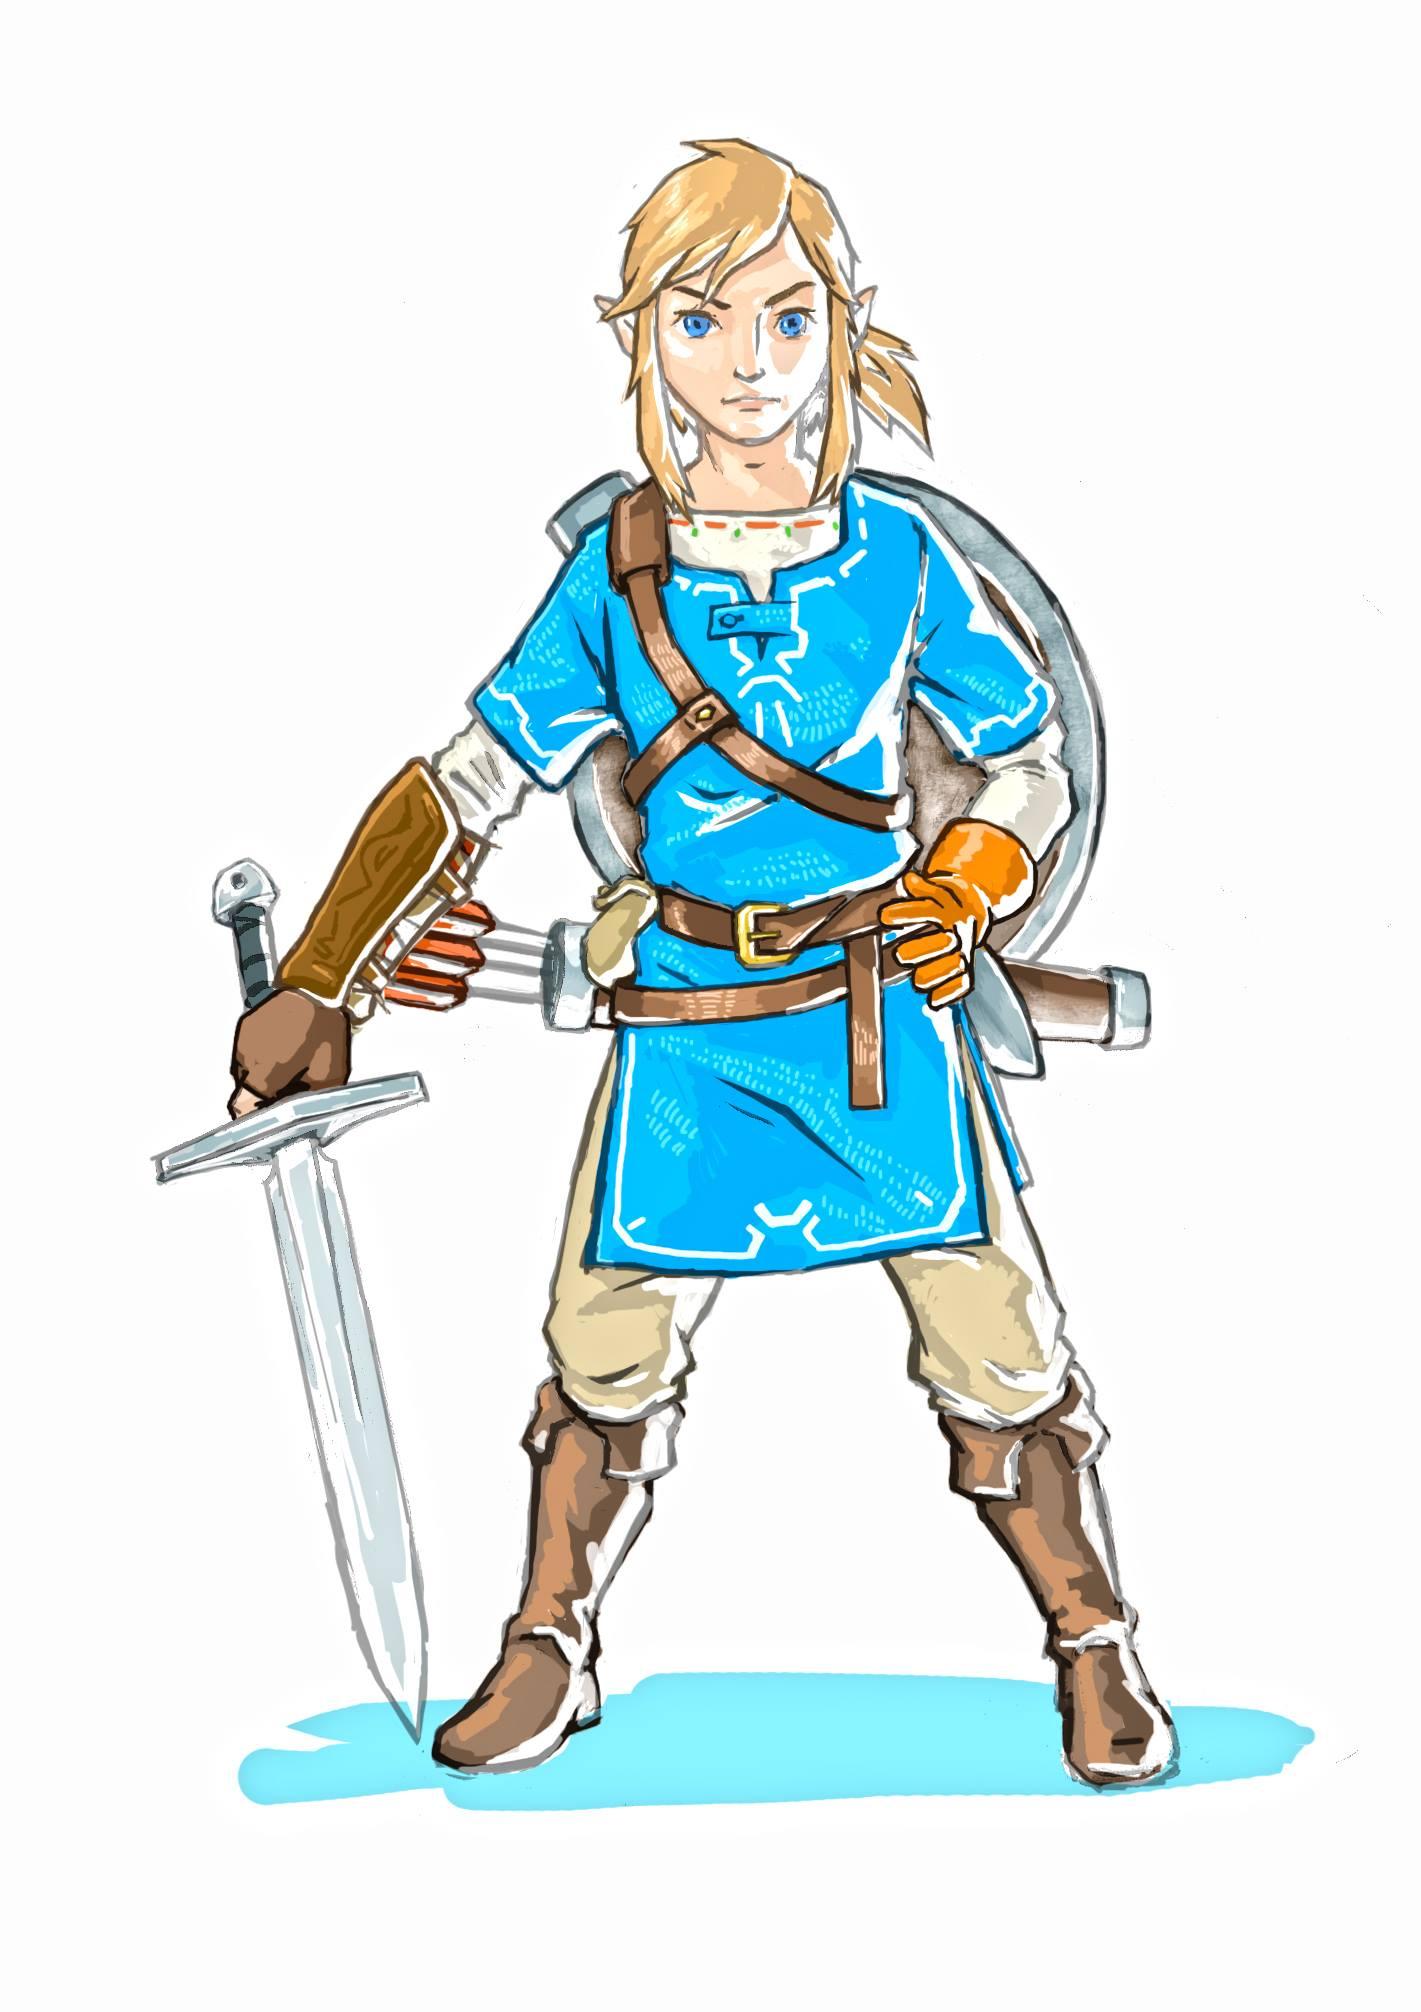 Zelda Link Art2 Nintendo Times